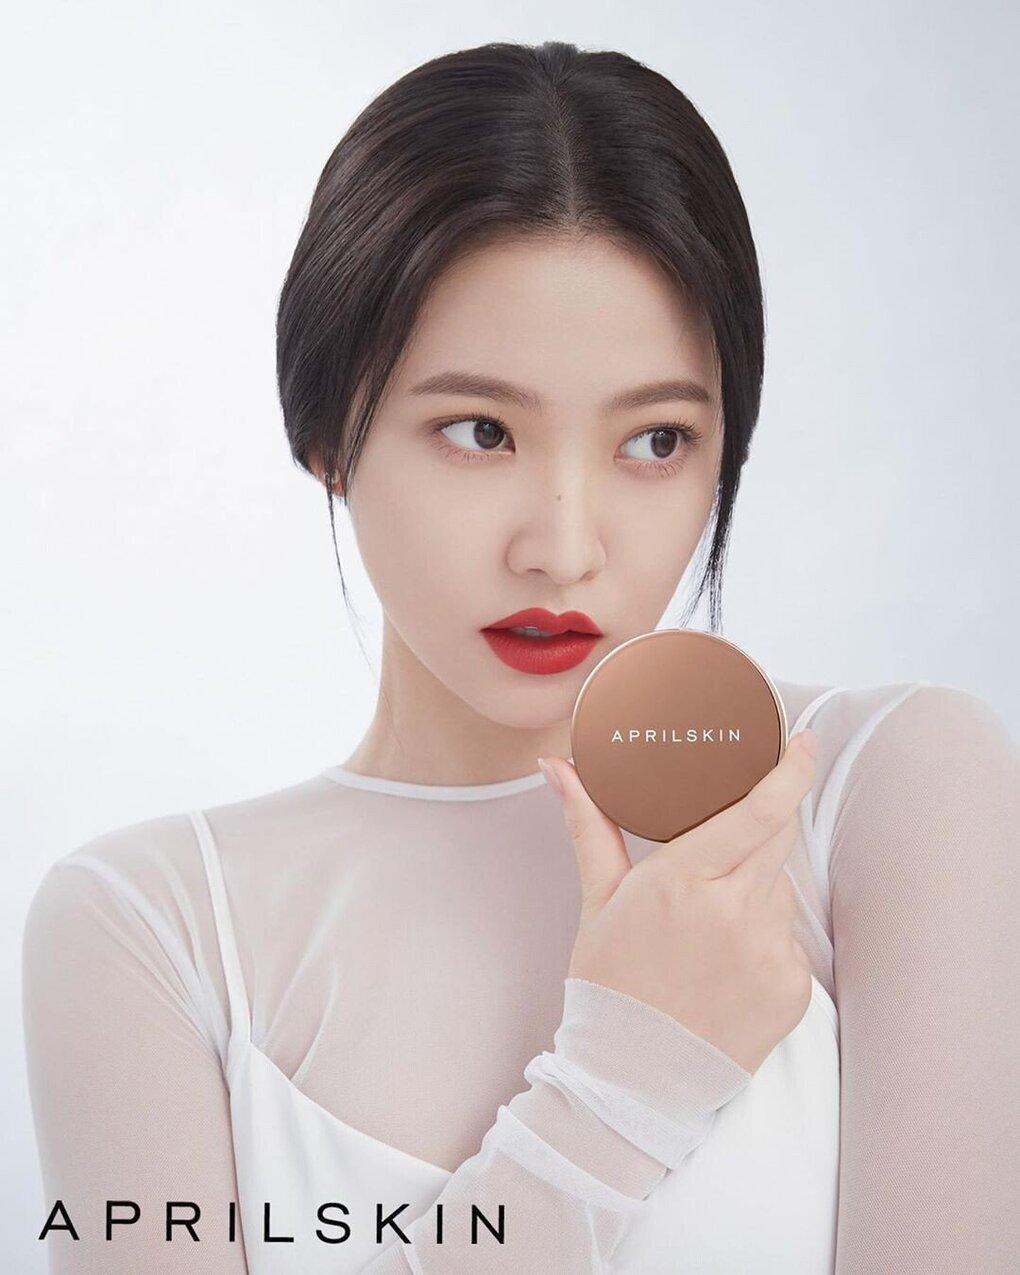 Yeri được April Skin chọn mặt gửi vàng là nàng thơ, quảng bá cho nhiều sản phẩm của thương hiệu từ dưỡng da đến trang điểm. Với vẻ ngoài xinh đẹp cùng phong thái ngày càng trưởng thành, Yeri được khen là lựa chọn lý tưởng cho thương hiệu hướng đến các quý cô sang chảnh.